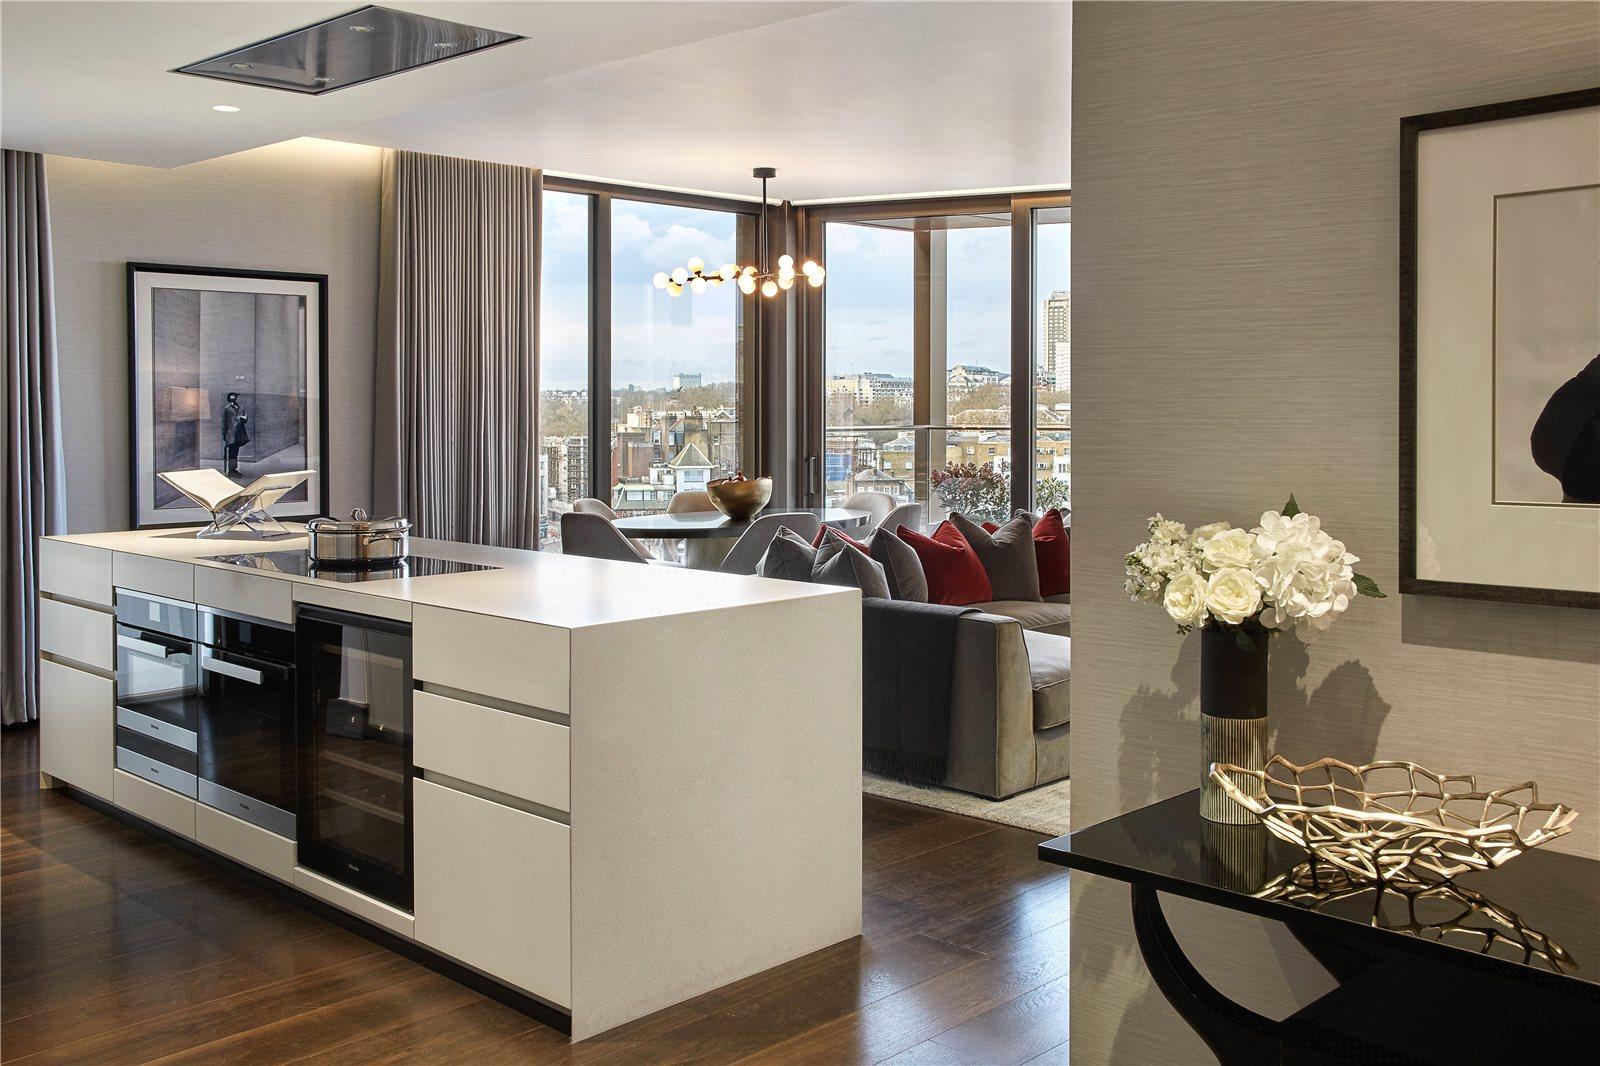 公寓 为 销售 在 Kings Gate, London, SW1E London, 英格兰